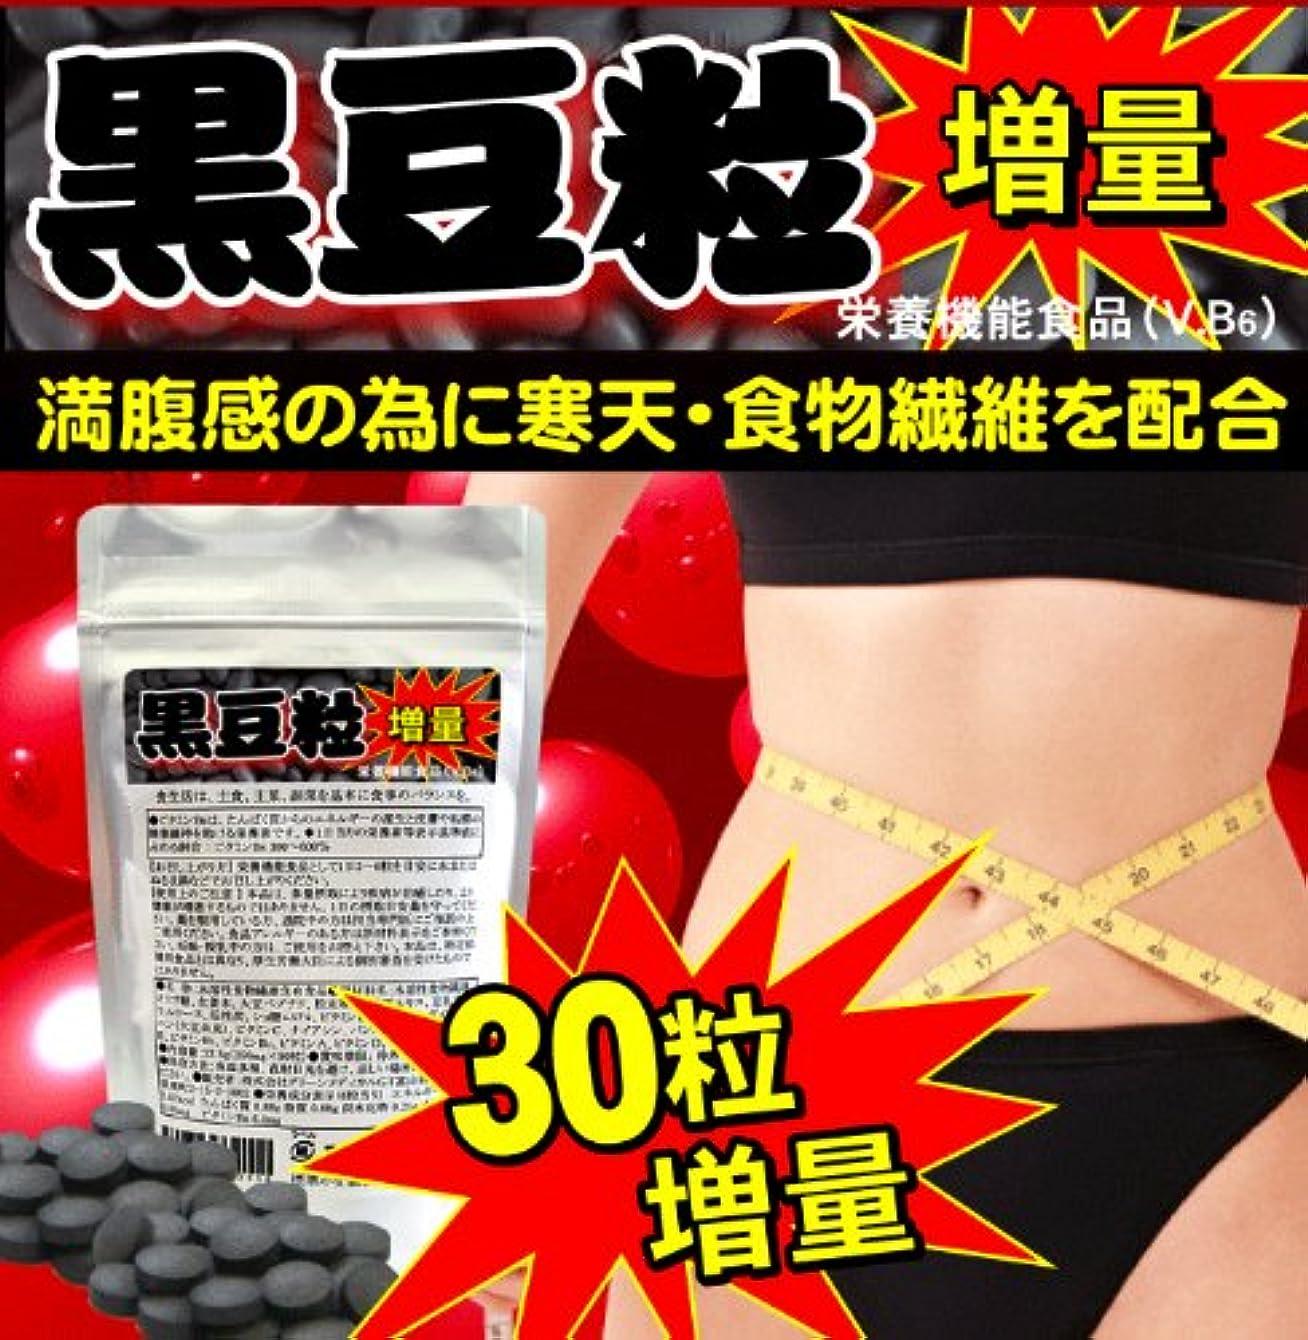 背景挑発する小売黒豆粒増量(黒豆ダイエットサプリ)